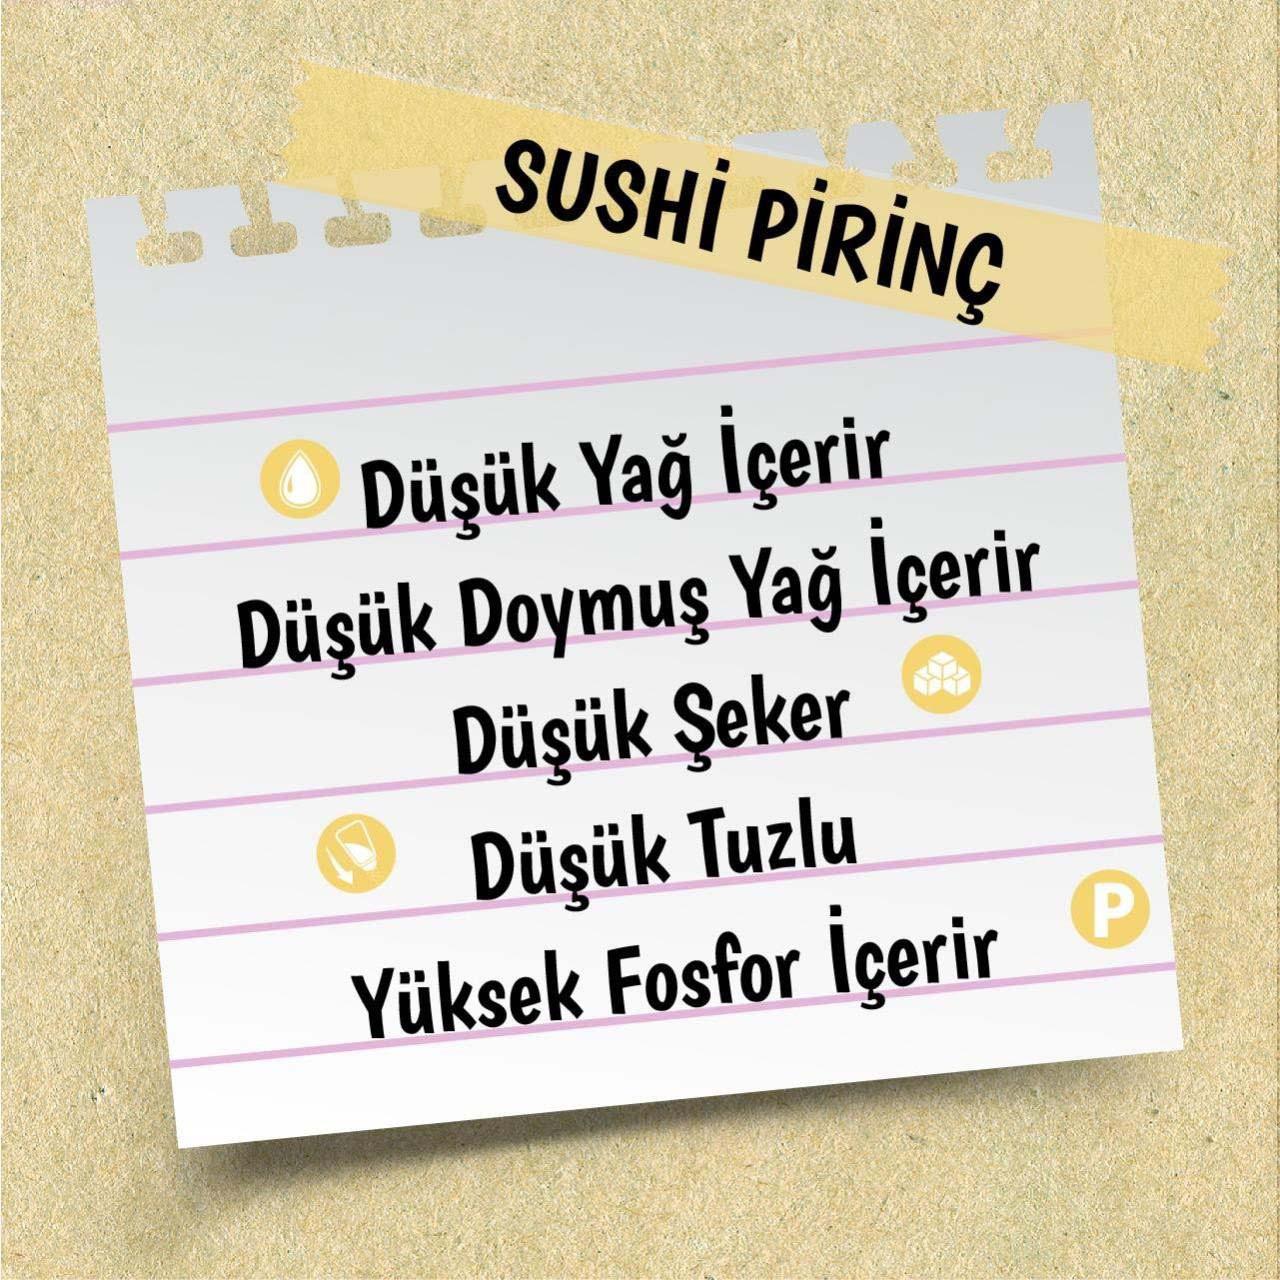 Yayla Gurme Sushi Pirinç 500 Gr